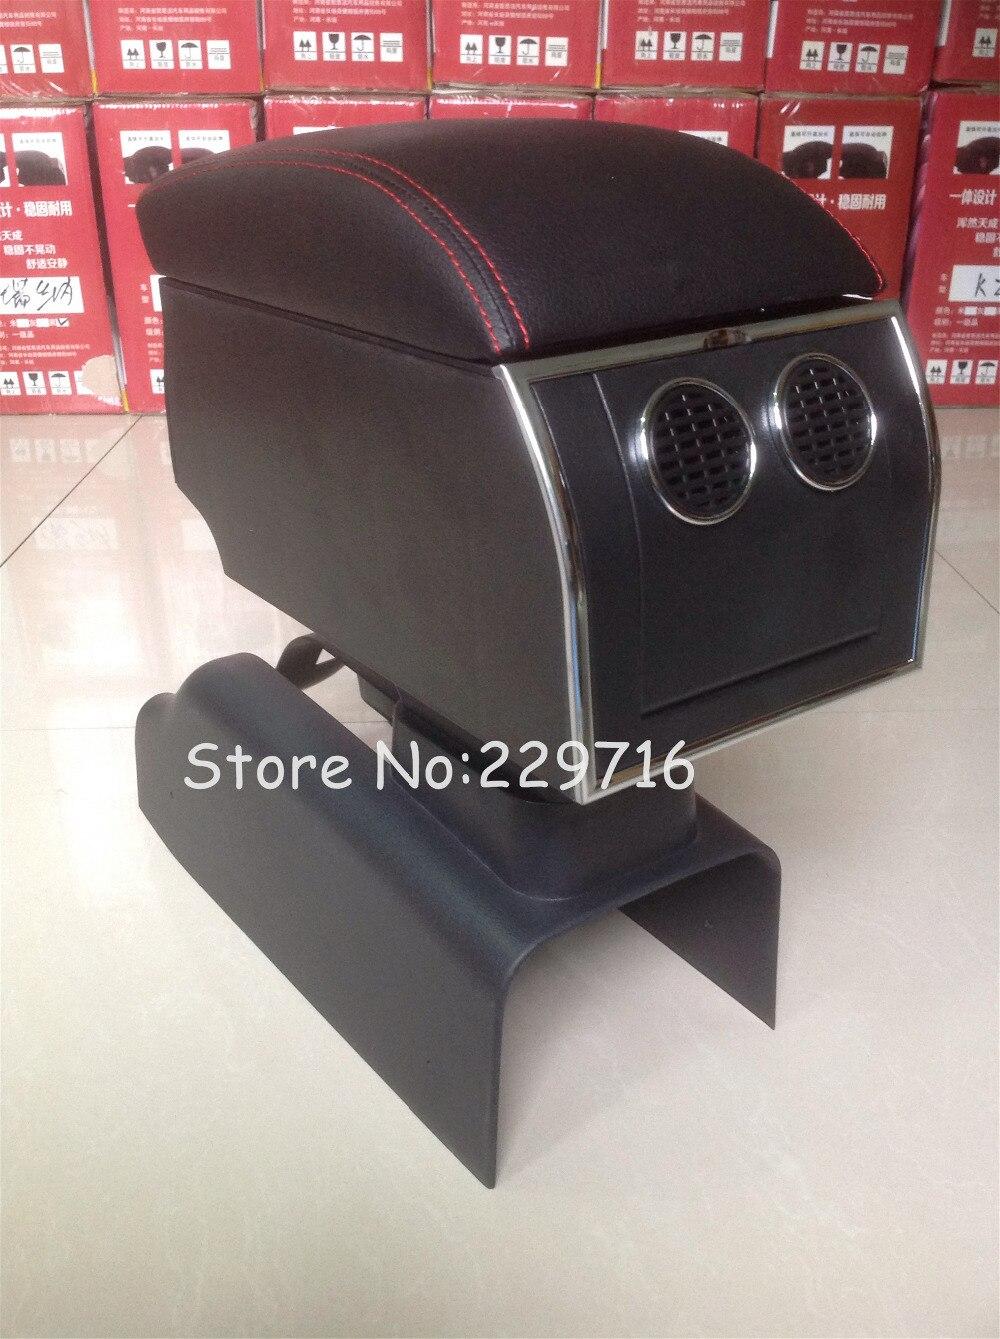 vw accoudoir achetez des lots petit prix vw accoudoir en provenance de fournisseurs chinois vw. Black Bedroom Furniture Sets. Home Design Ideas